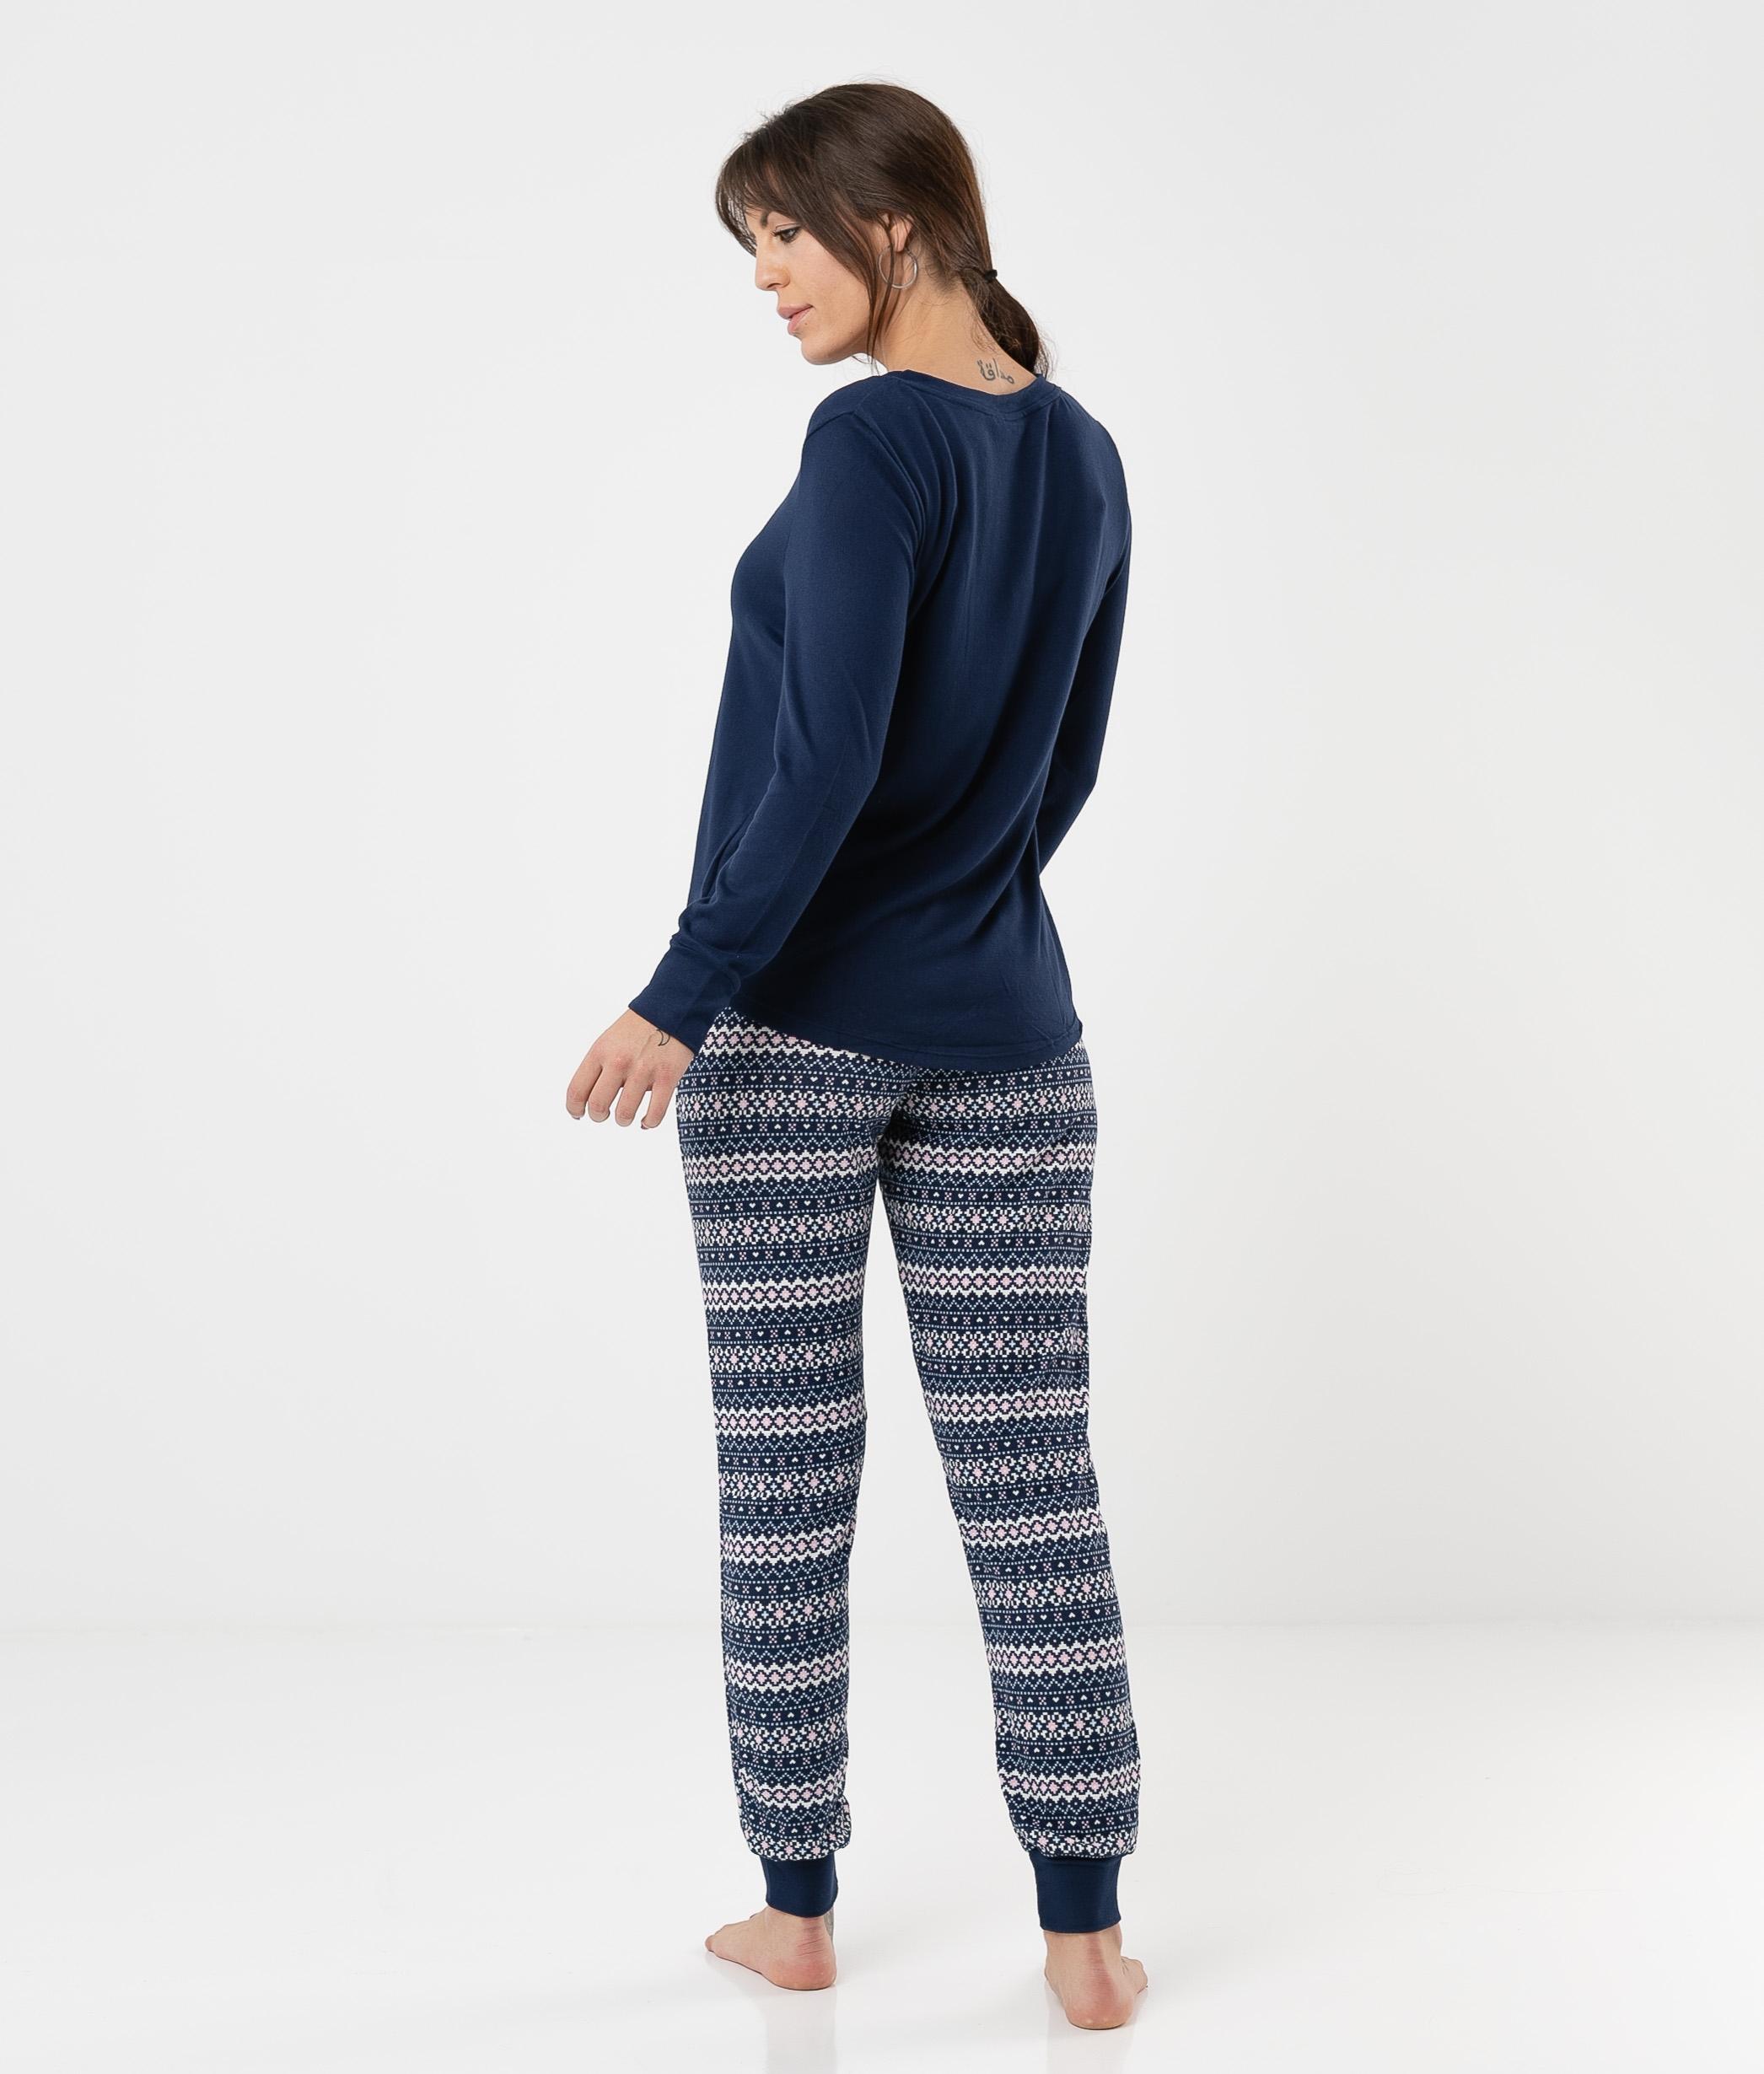 Pyjama Luli - Bleu